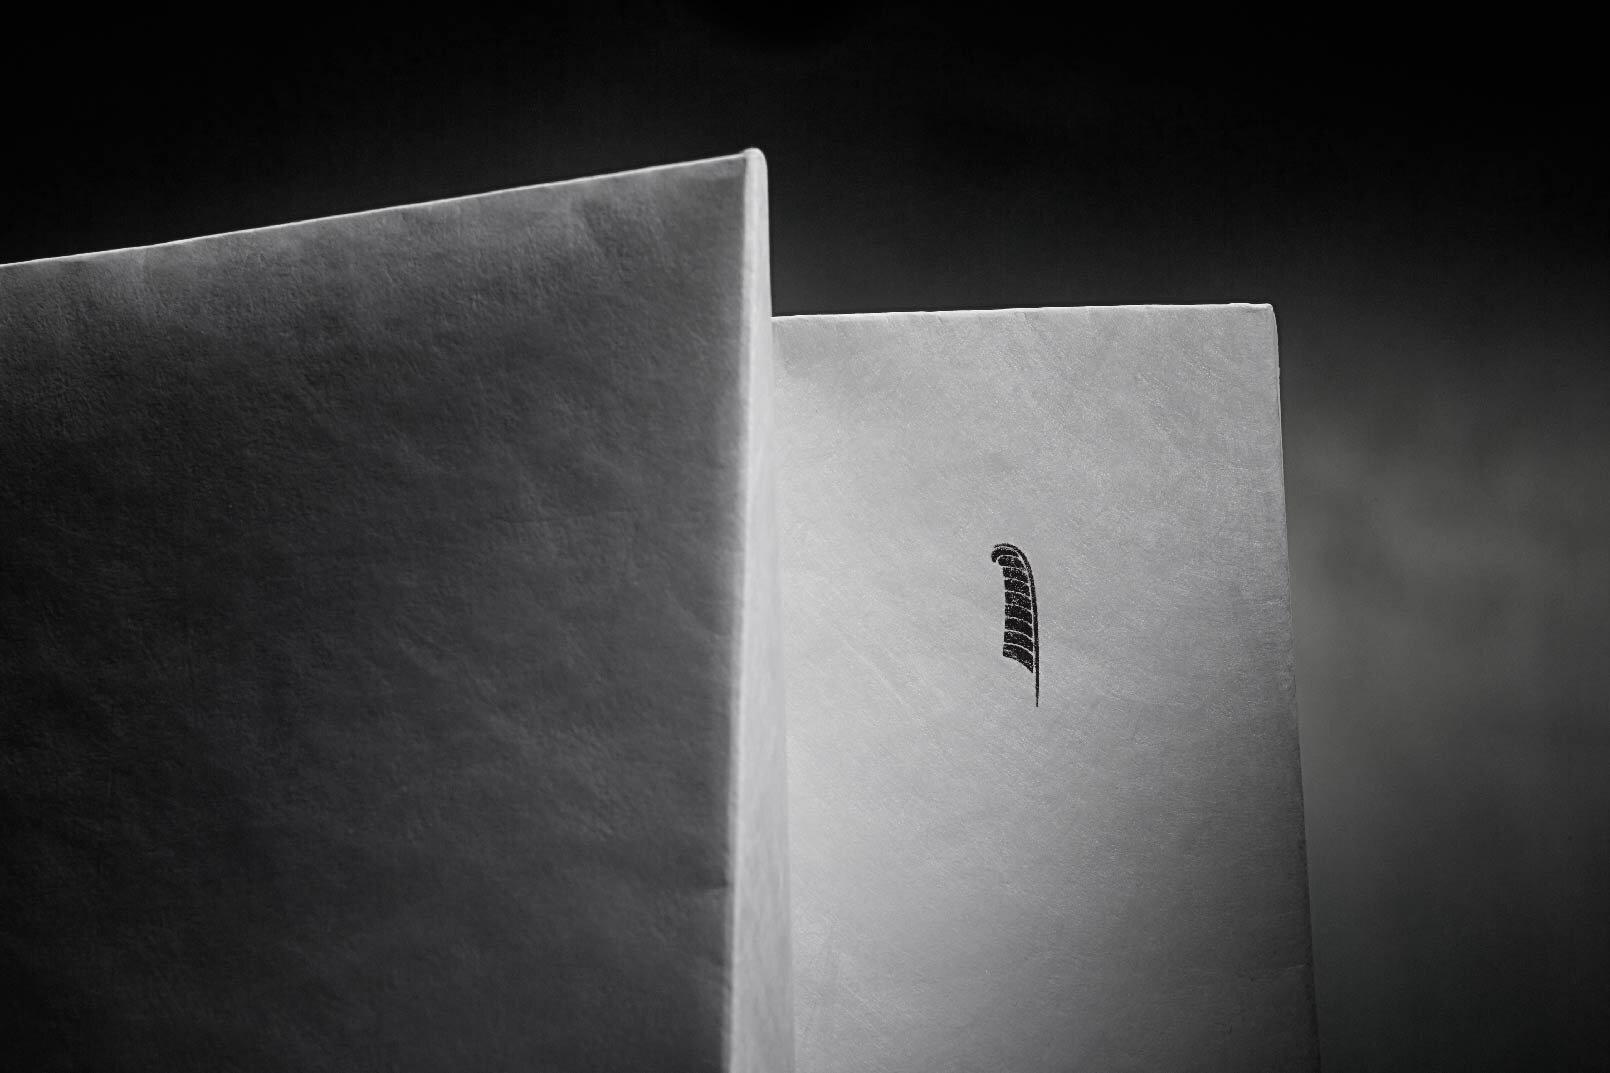 luxury_black_white_retail_packaging_2.jpg.